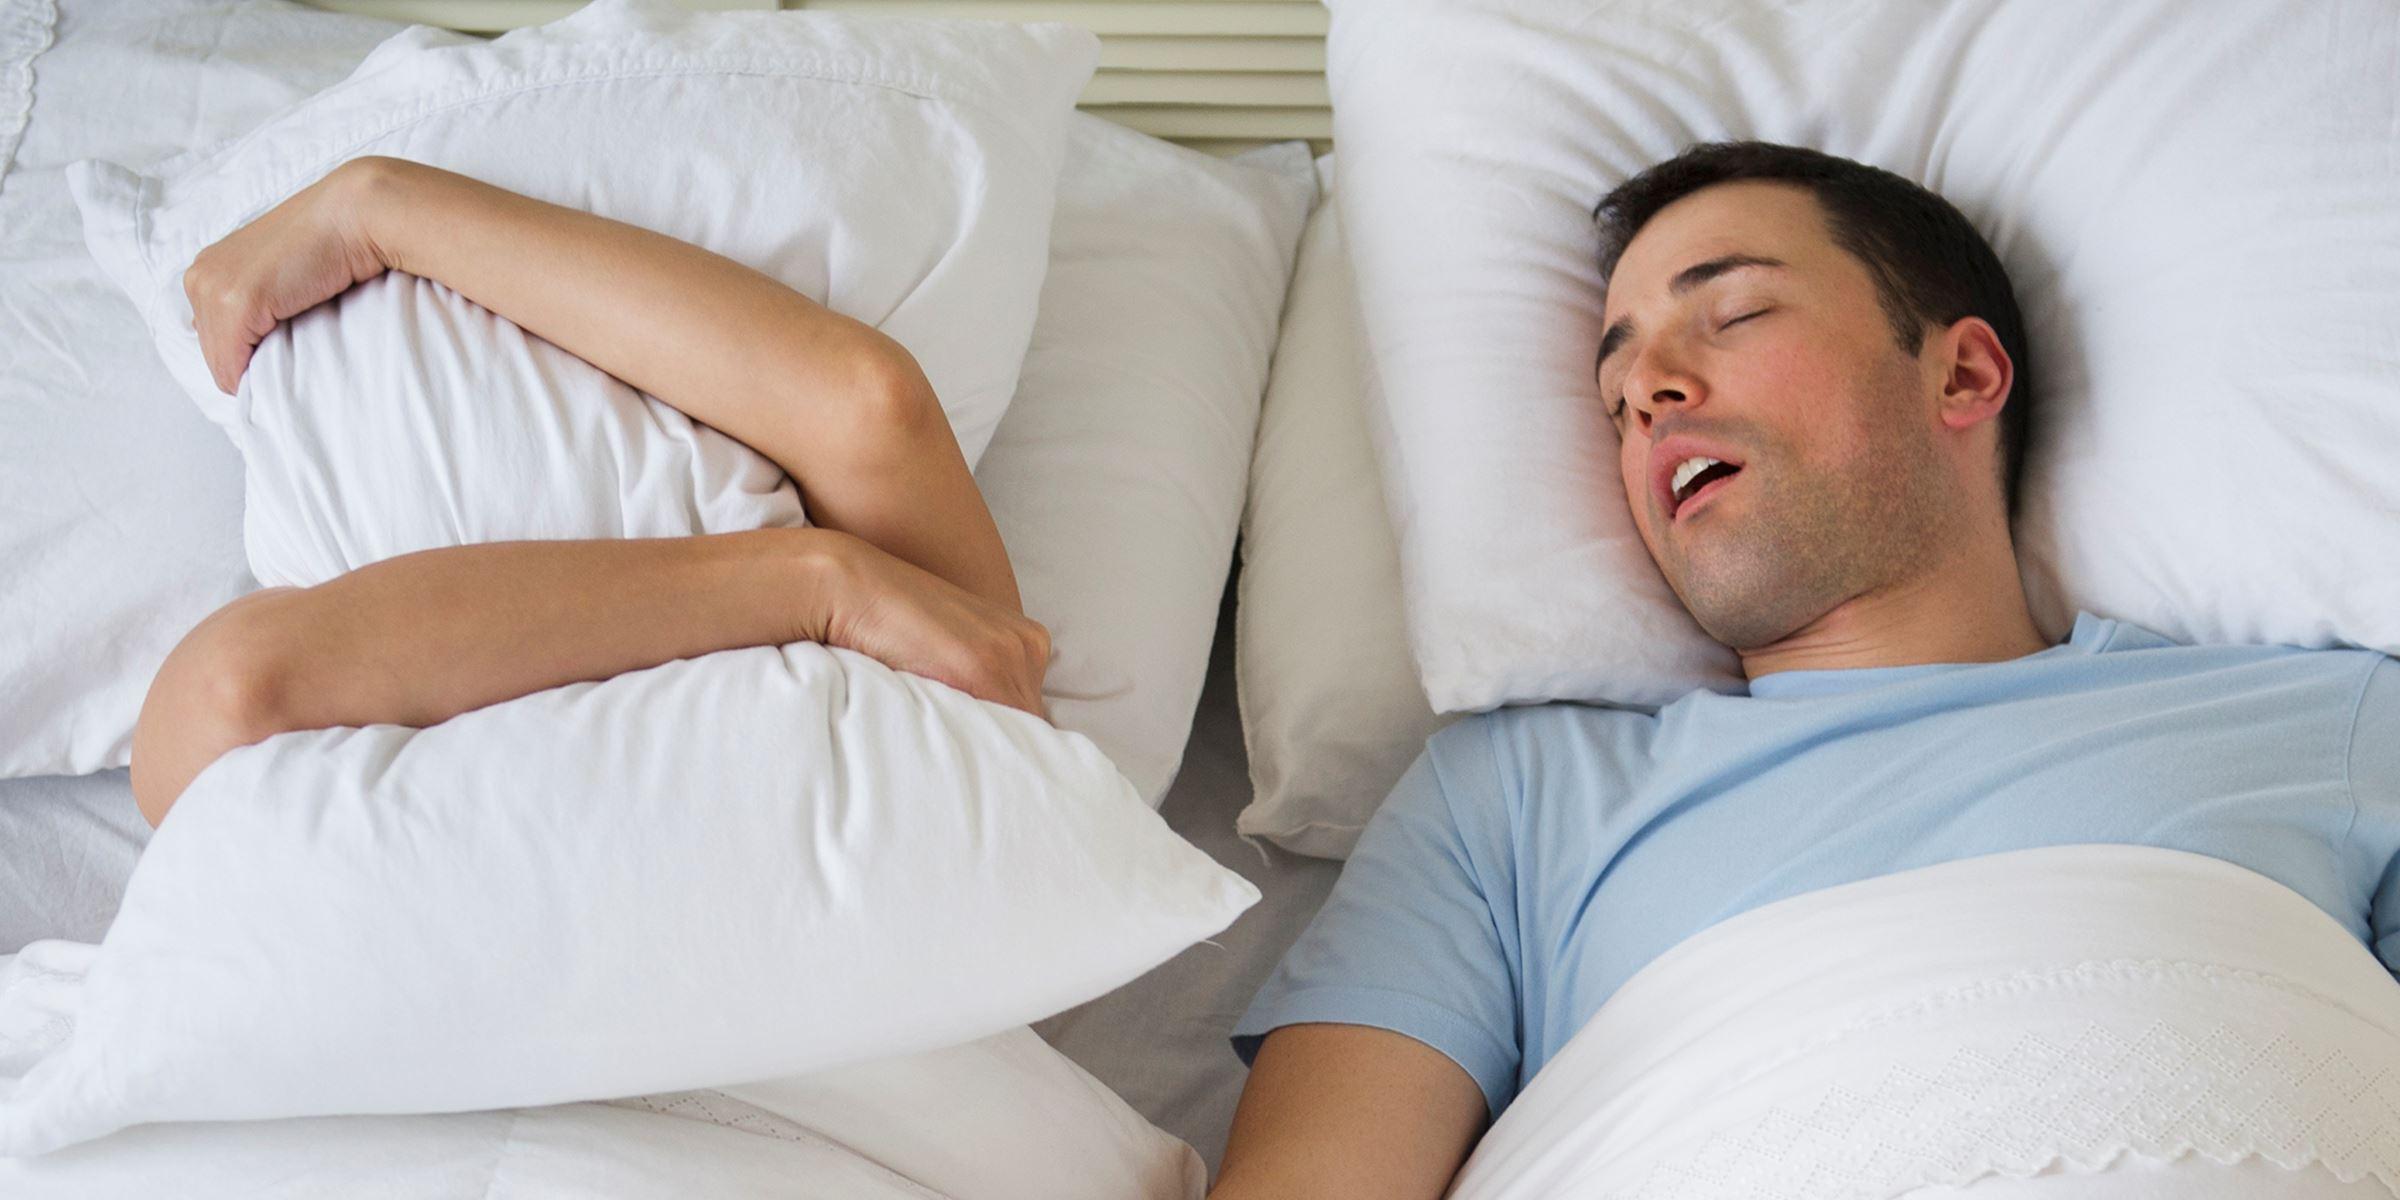 tidur berdengkur bukan kerana penat, tetapi ia tanda penyakit